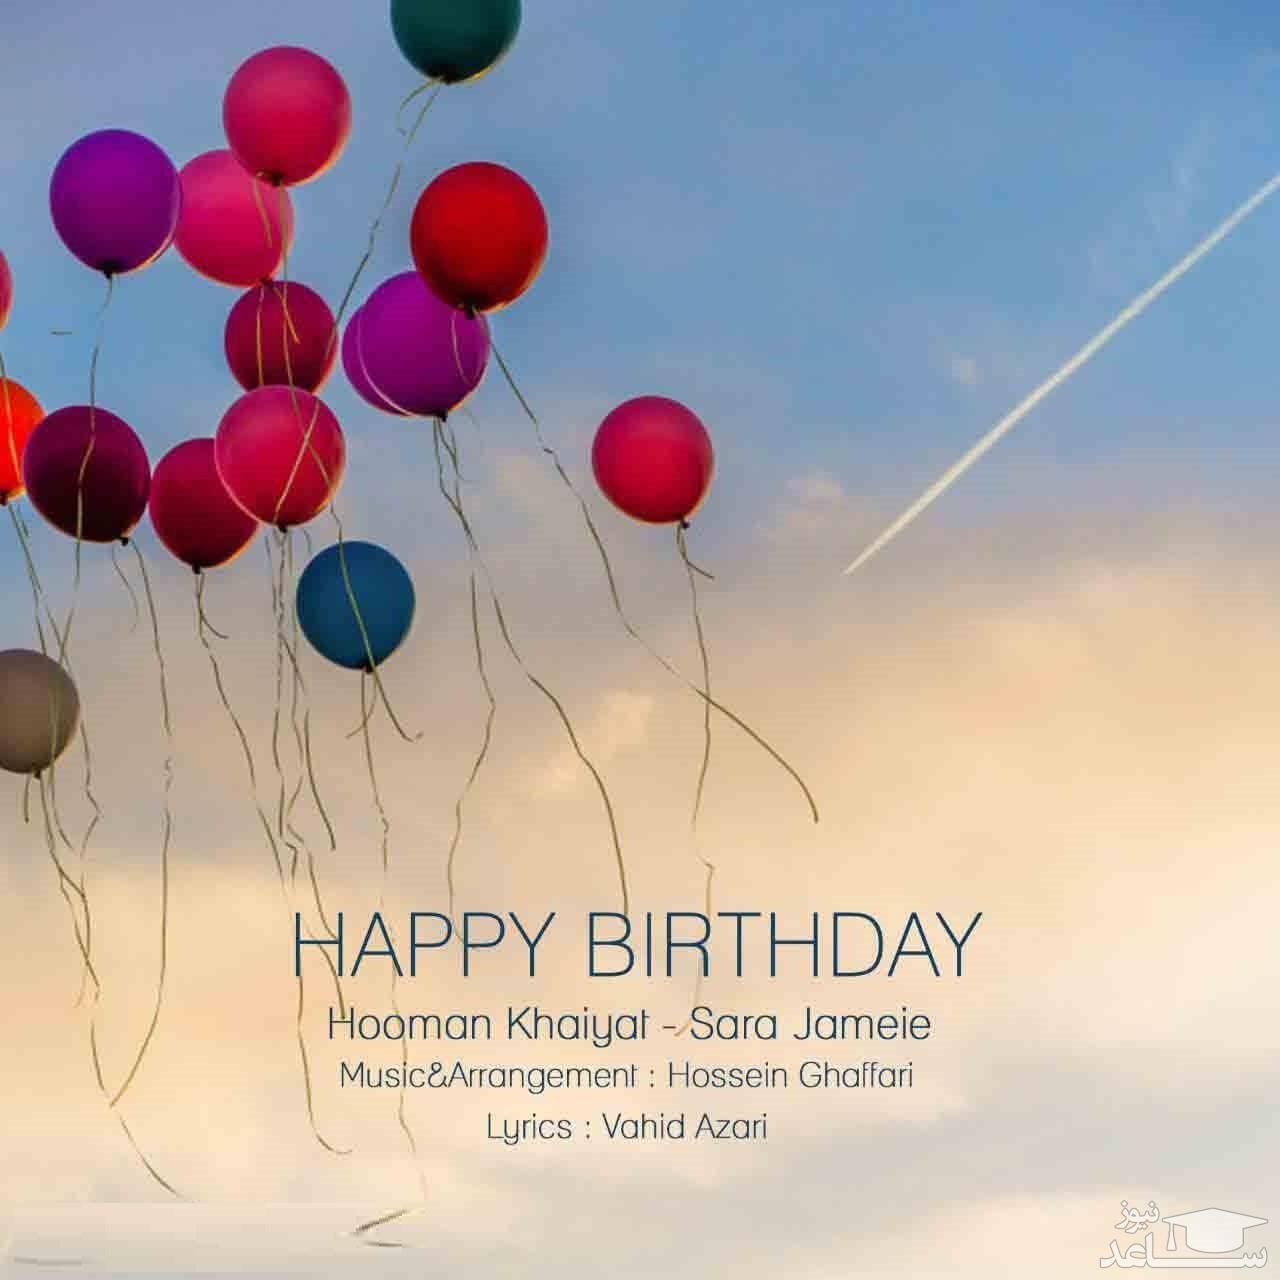 دانلود آهنگ تولدت مبارک از هومن خیاط